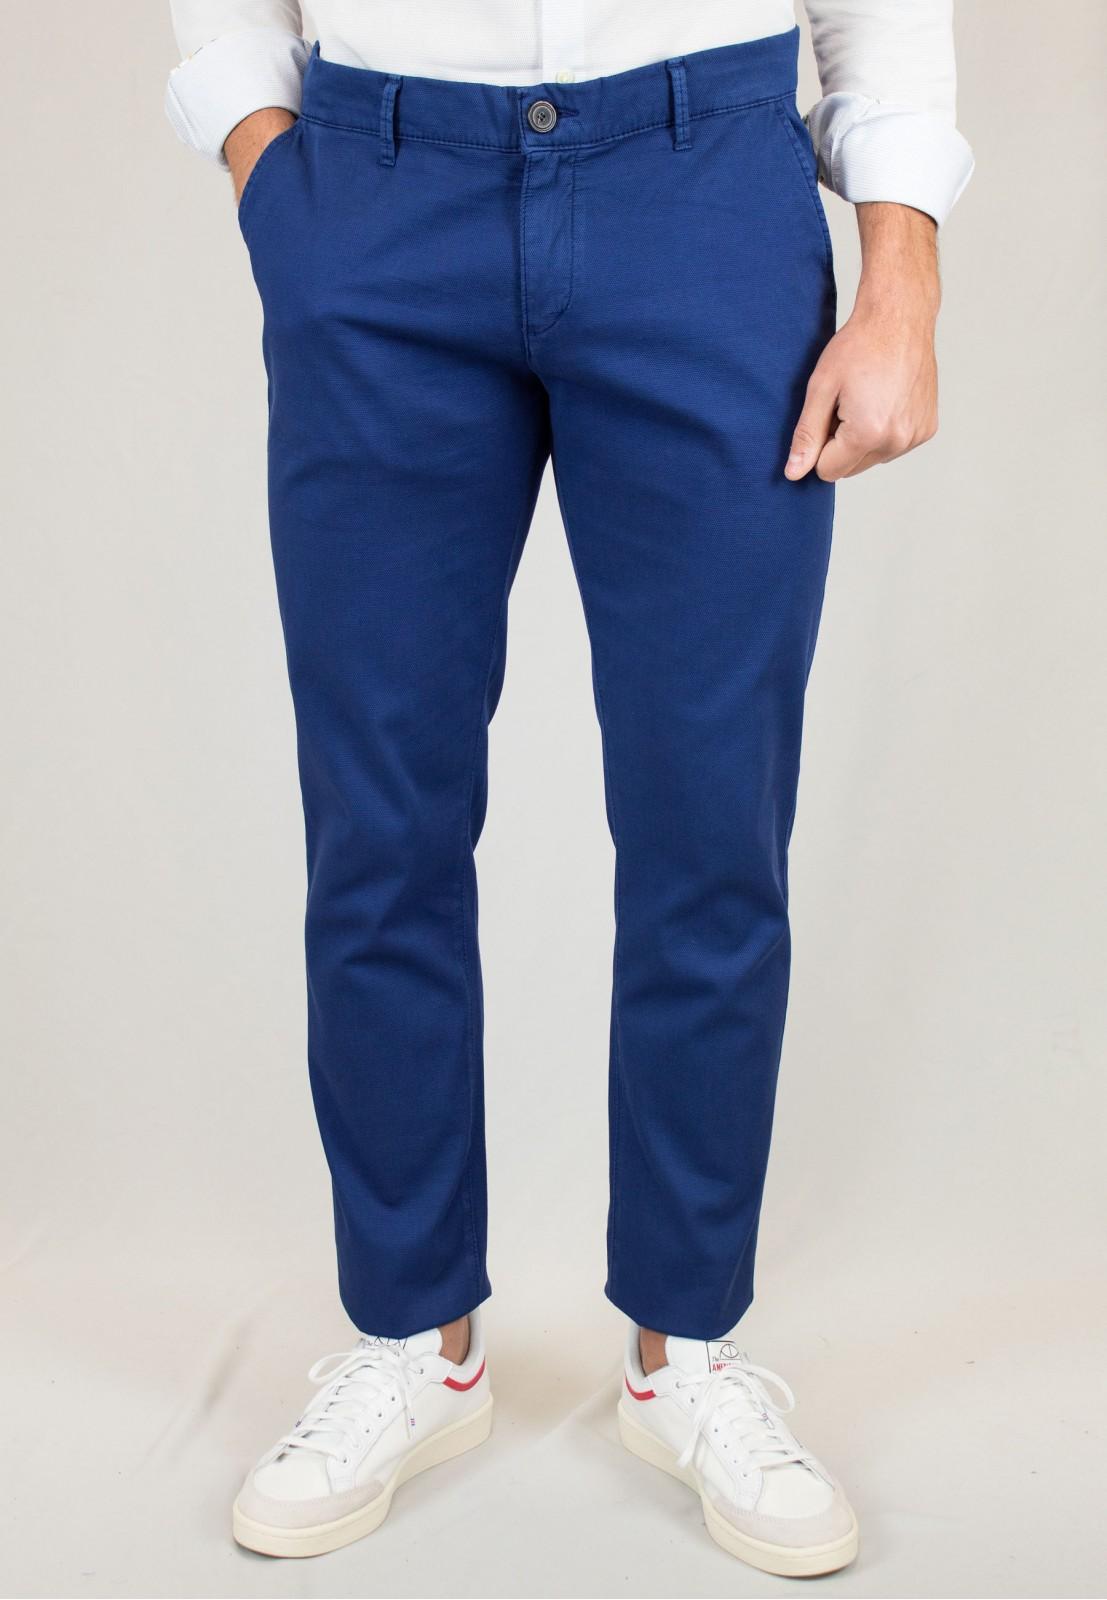 Pantalón  hombre Elliot Patadegayo en color tinta, fabricado en españa, muy comodo y de calidad - primer plano